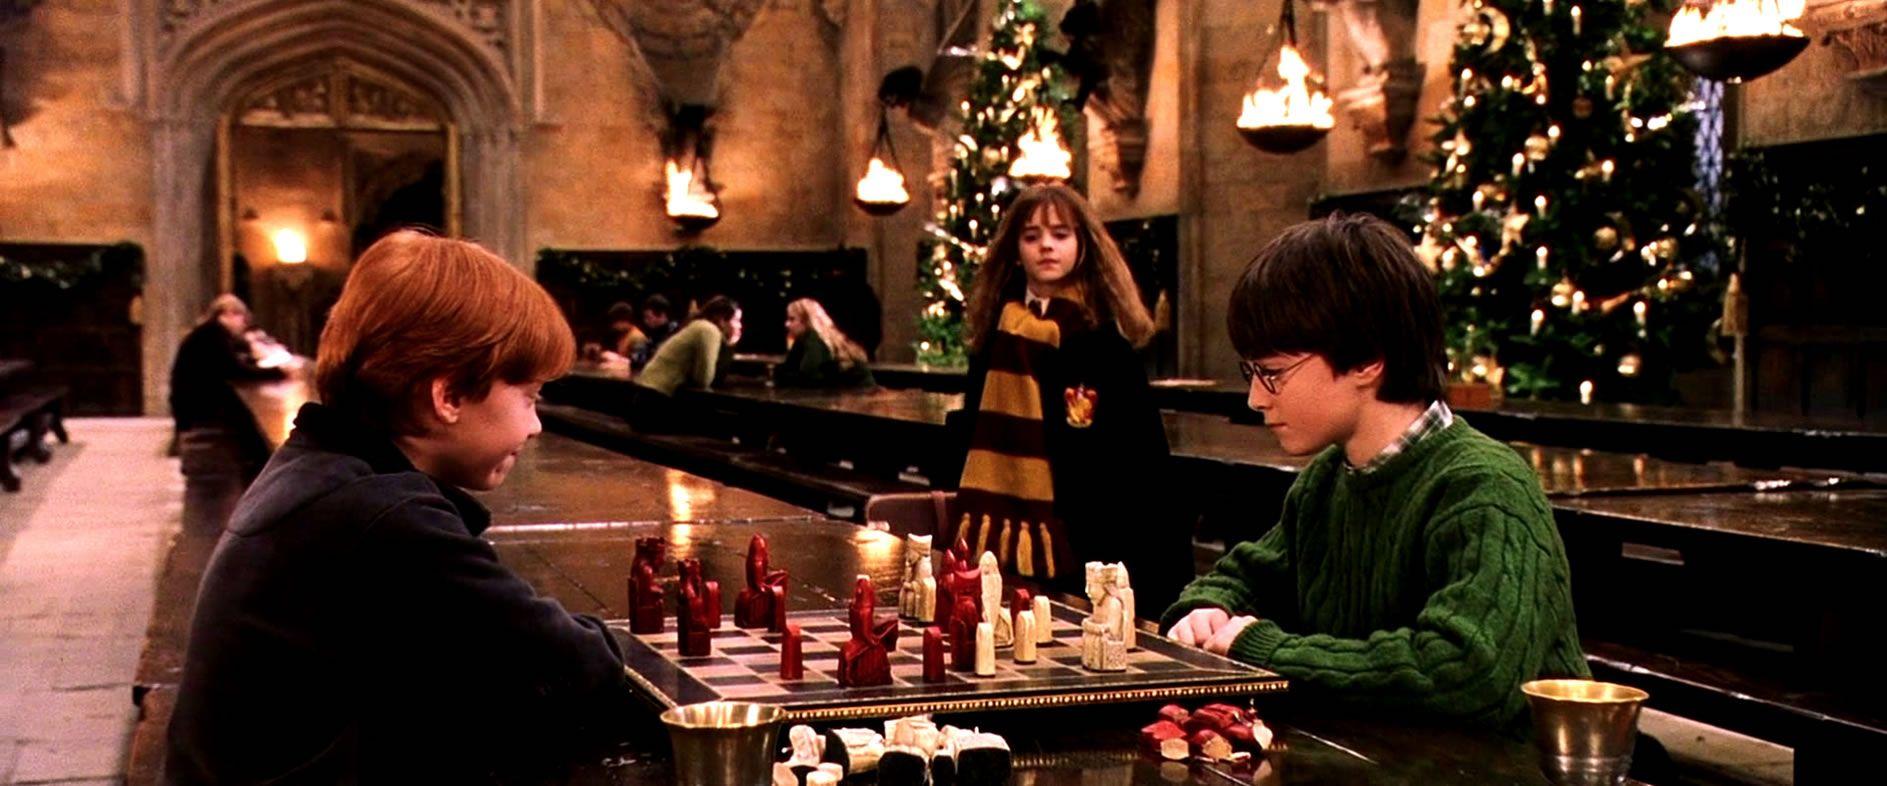 Harry Potter Christmas Dinner at Studio Tour Hogwarts ...